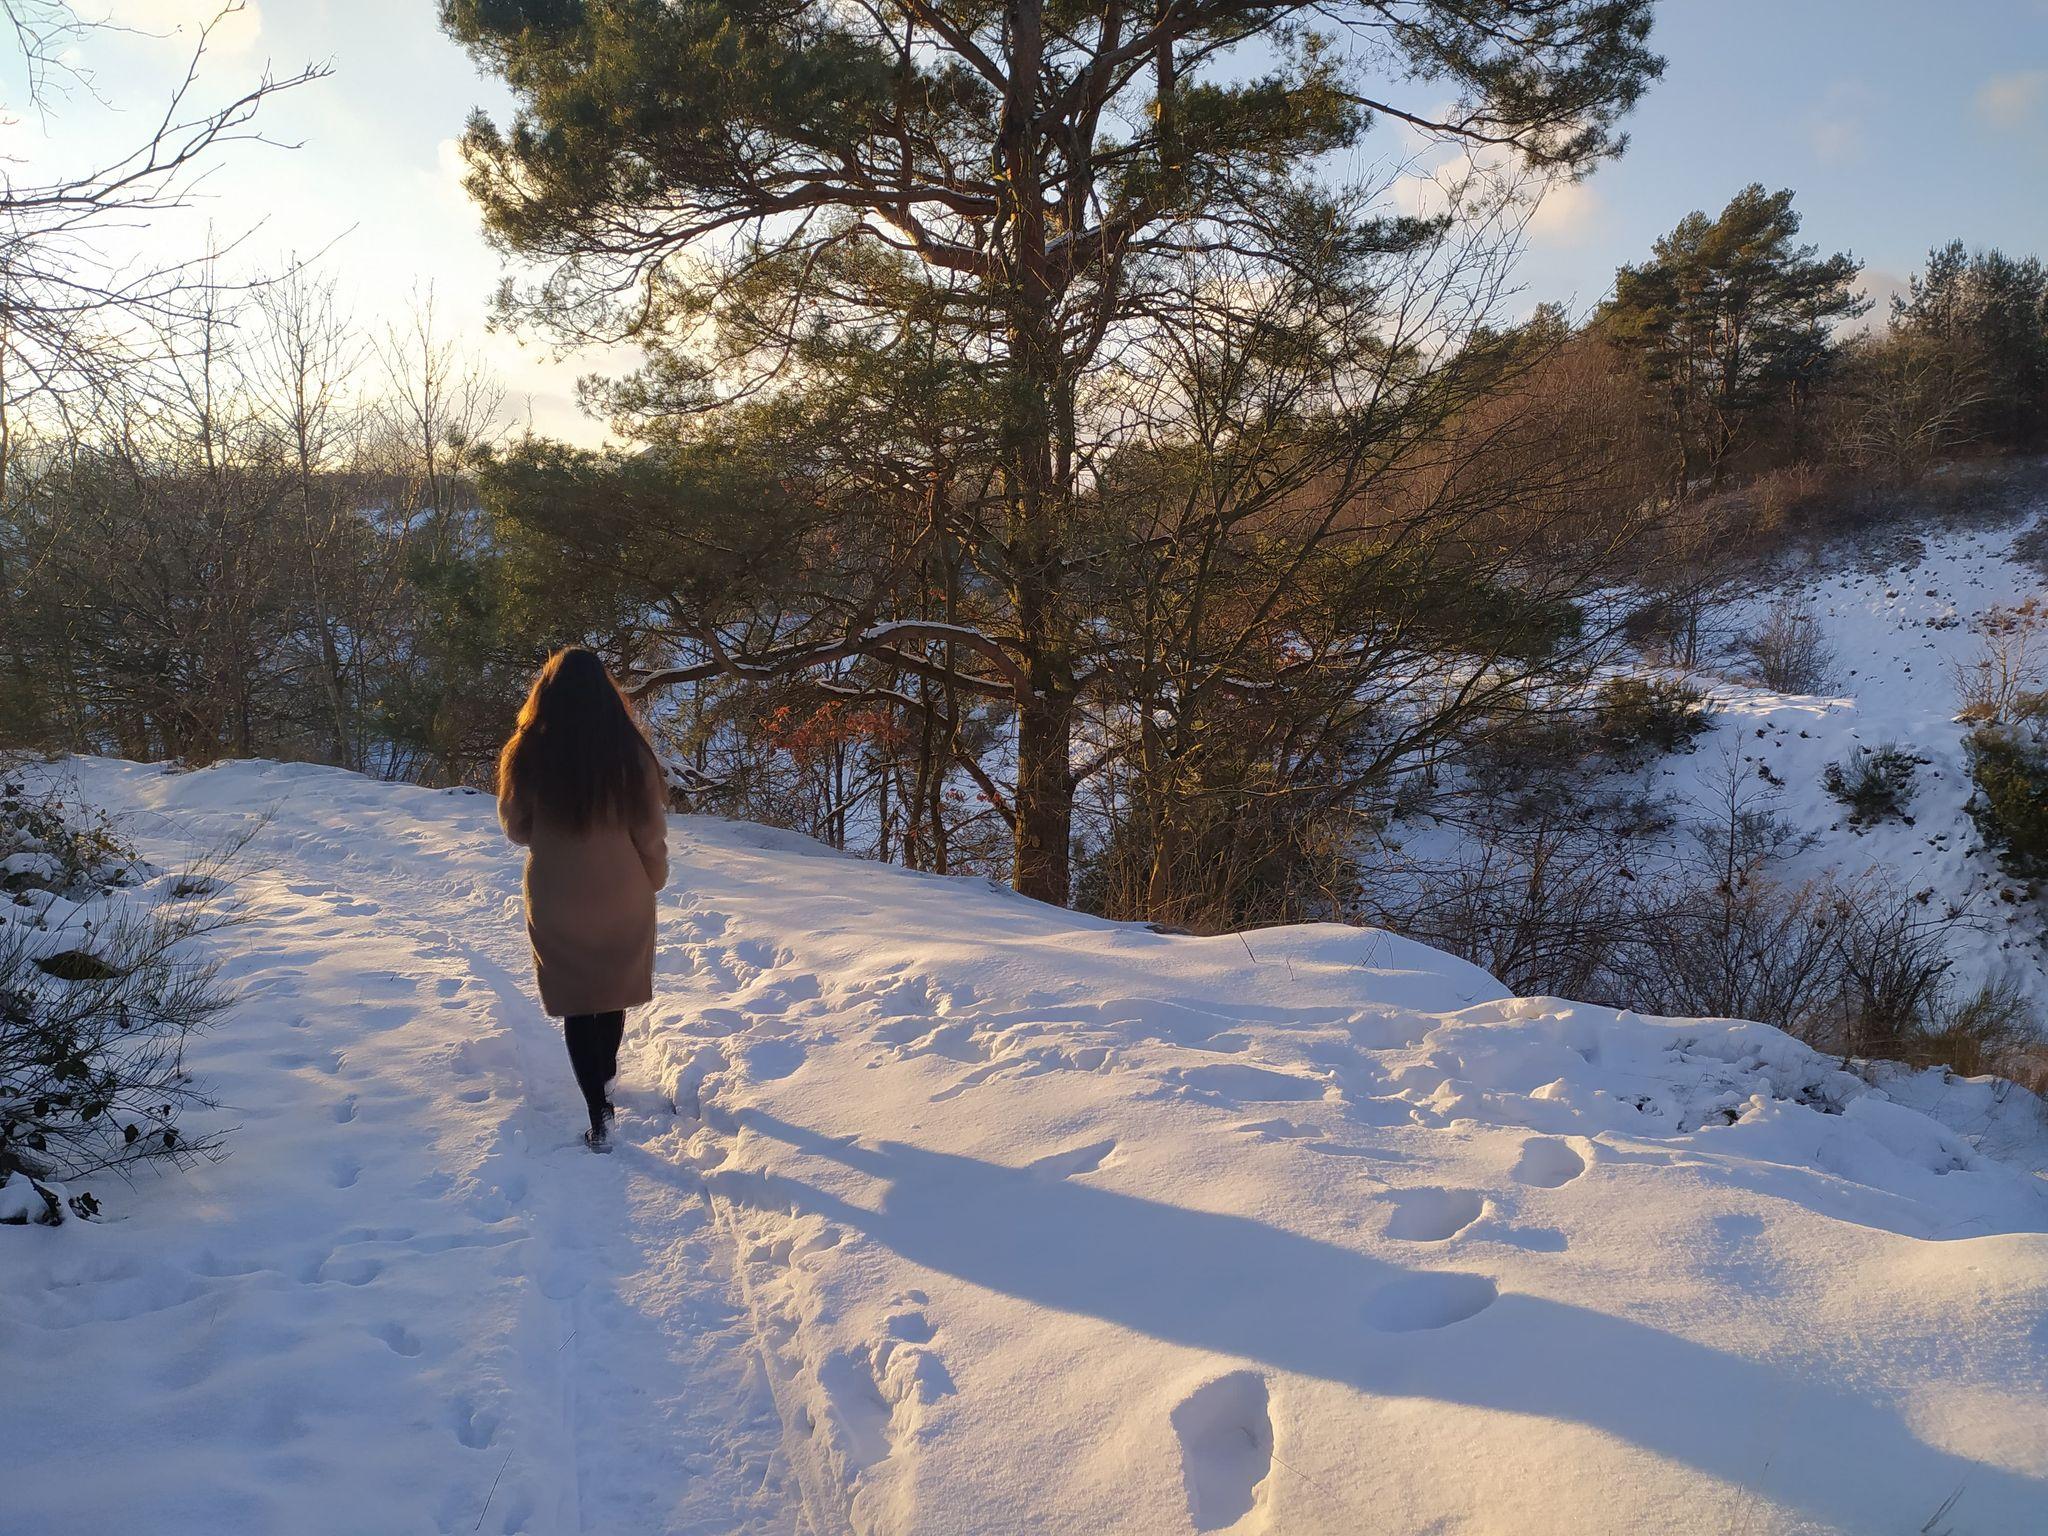 FOTO Powiat Pucki: Zima w Chłapowie. Wąwóz Rudnik i bałtycka plaża w śniegu | ZDJĘCIA